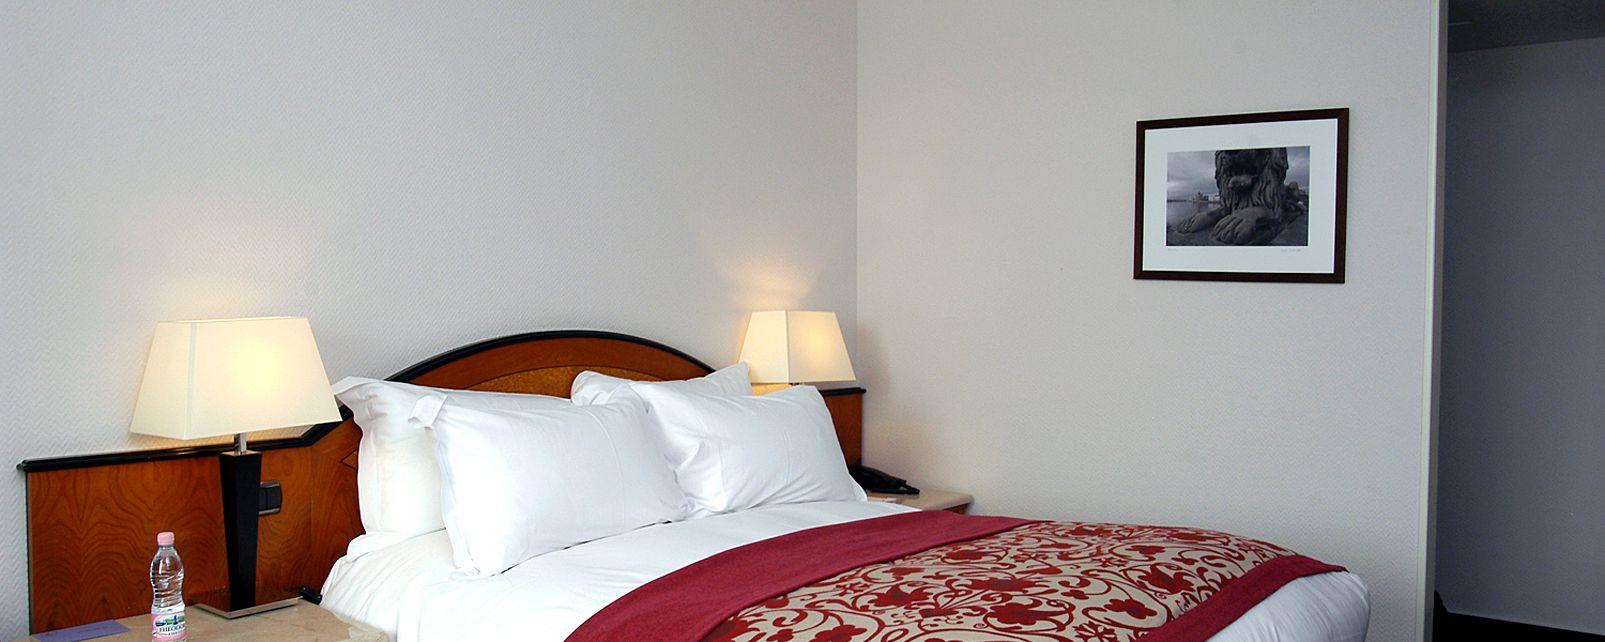 Hotel Sofitel Budapest